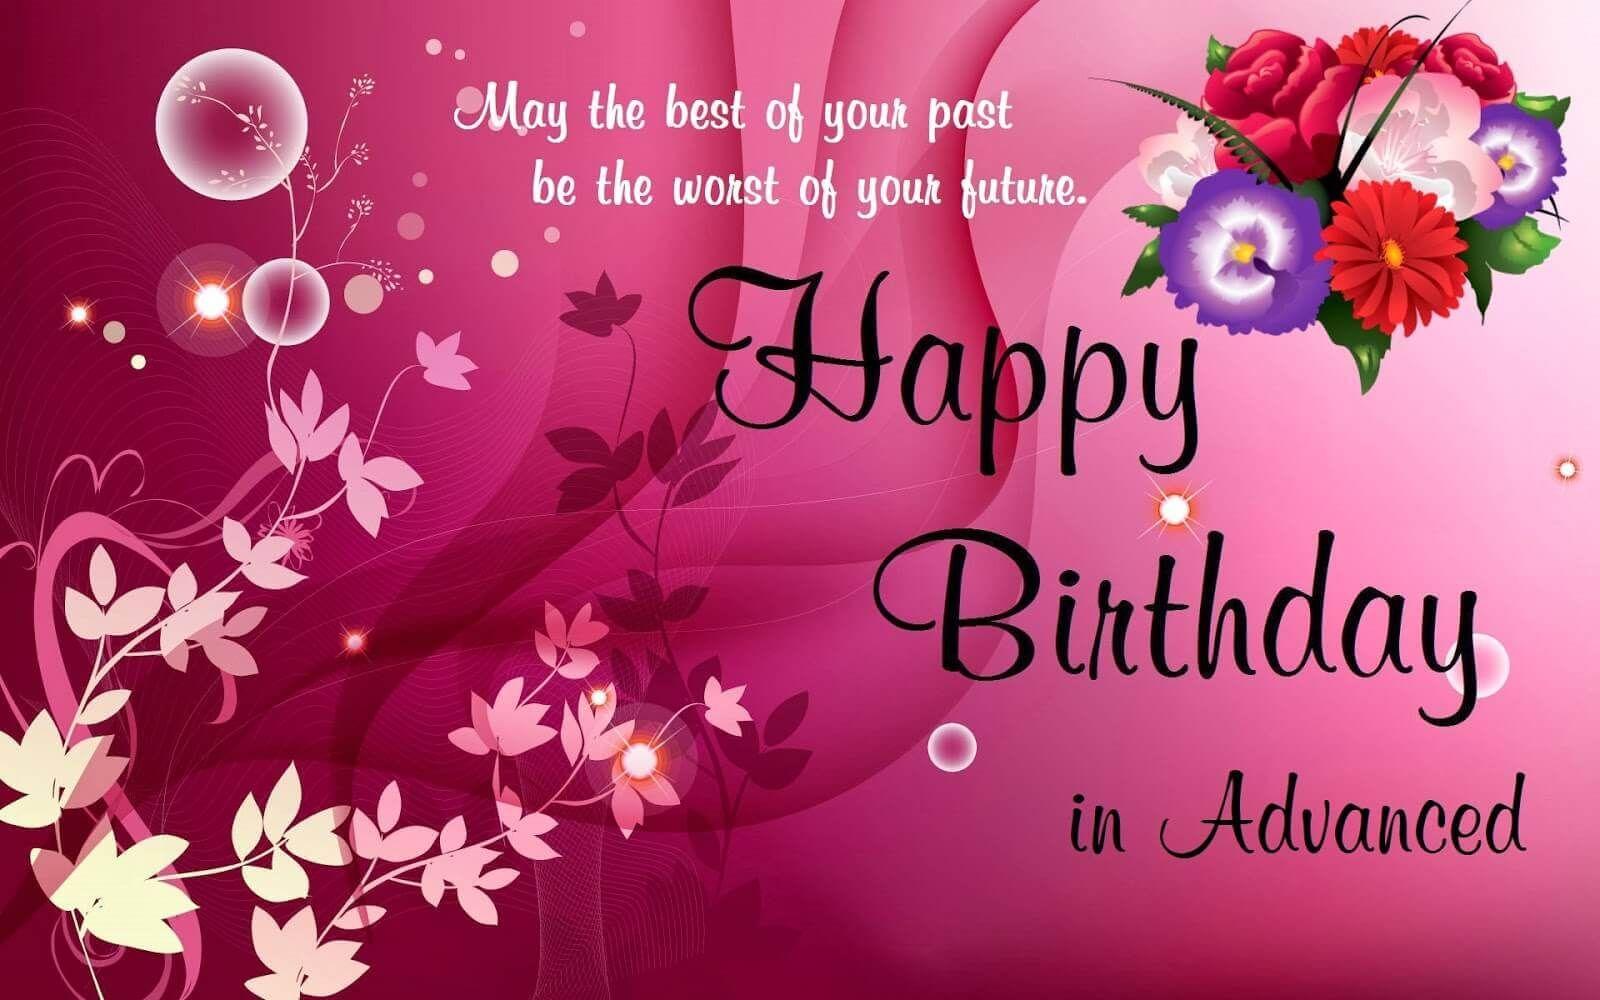 Advance Happy Birthday Wishes Happy Birthday In Advance Birthday